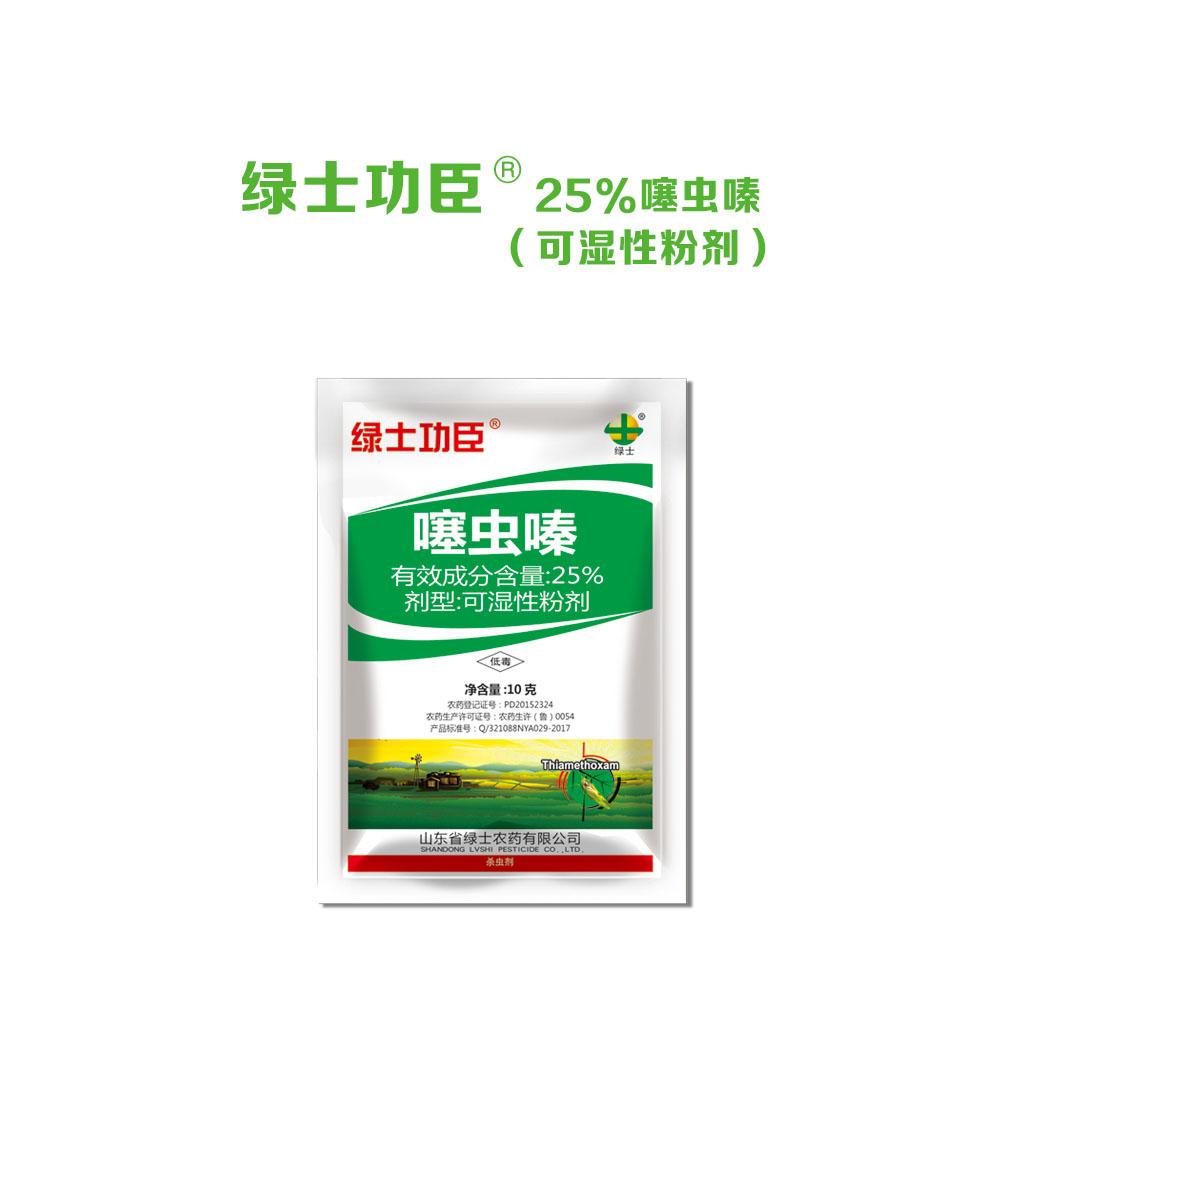 绿士功臣--25%噻虫嗪